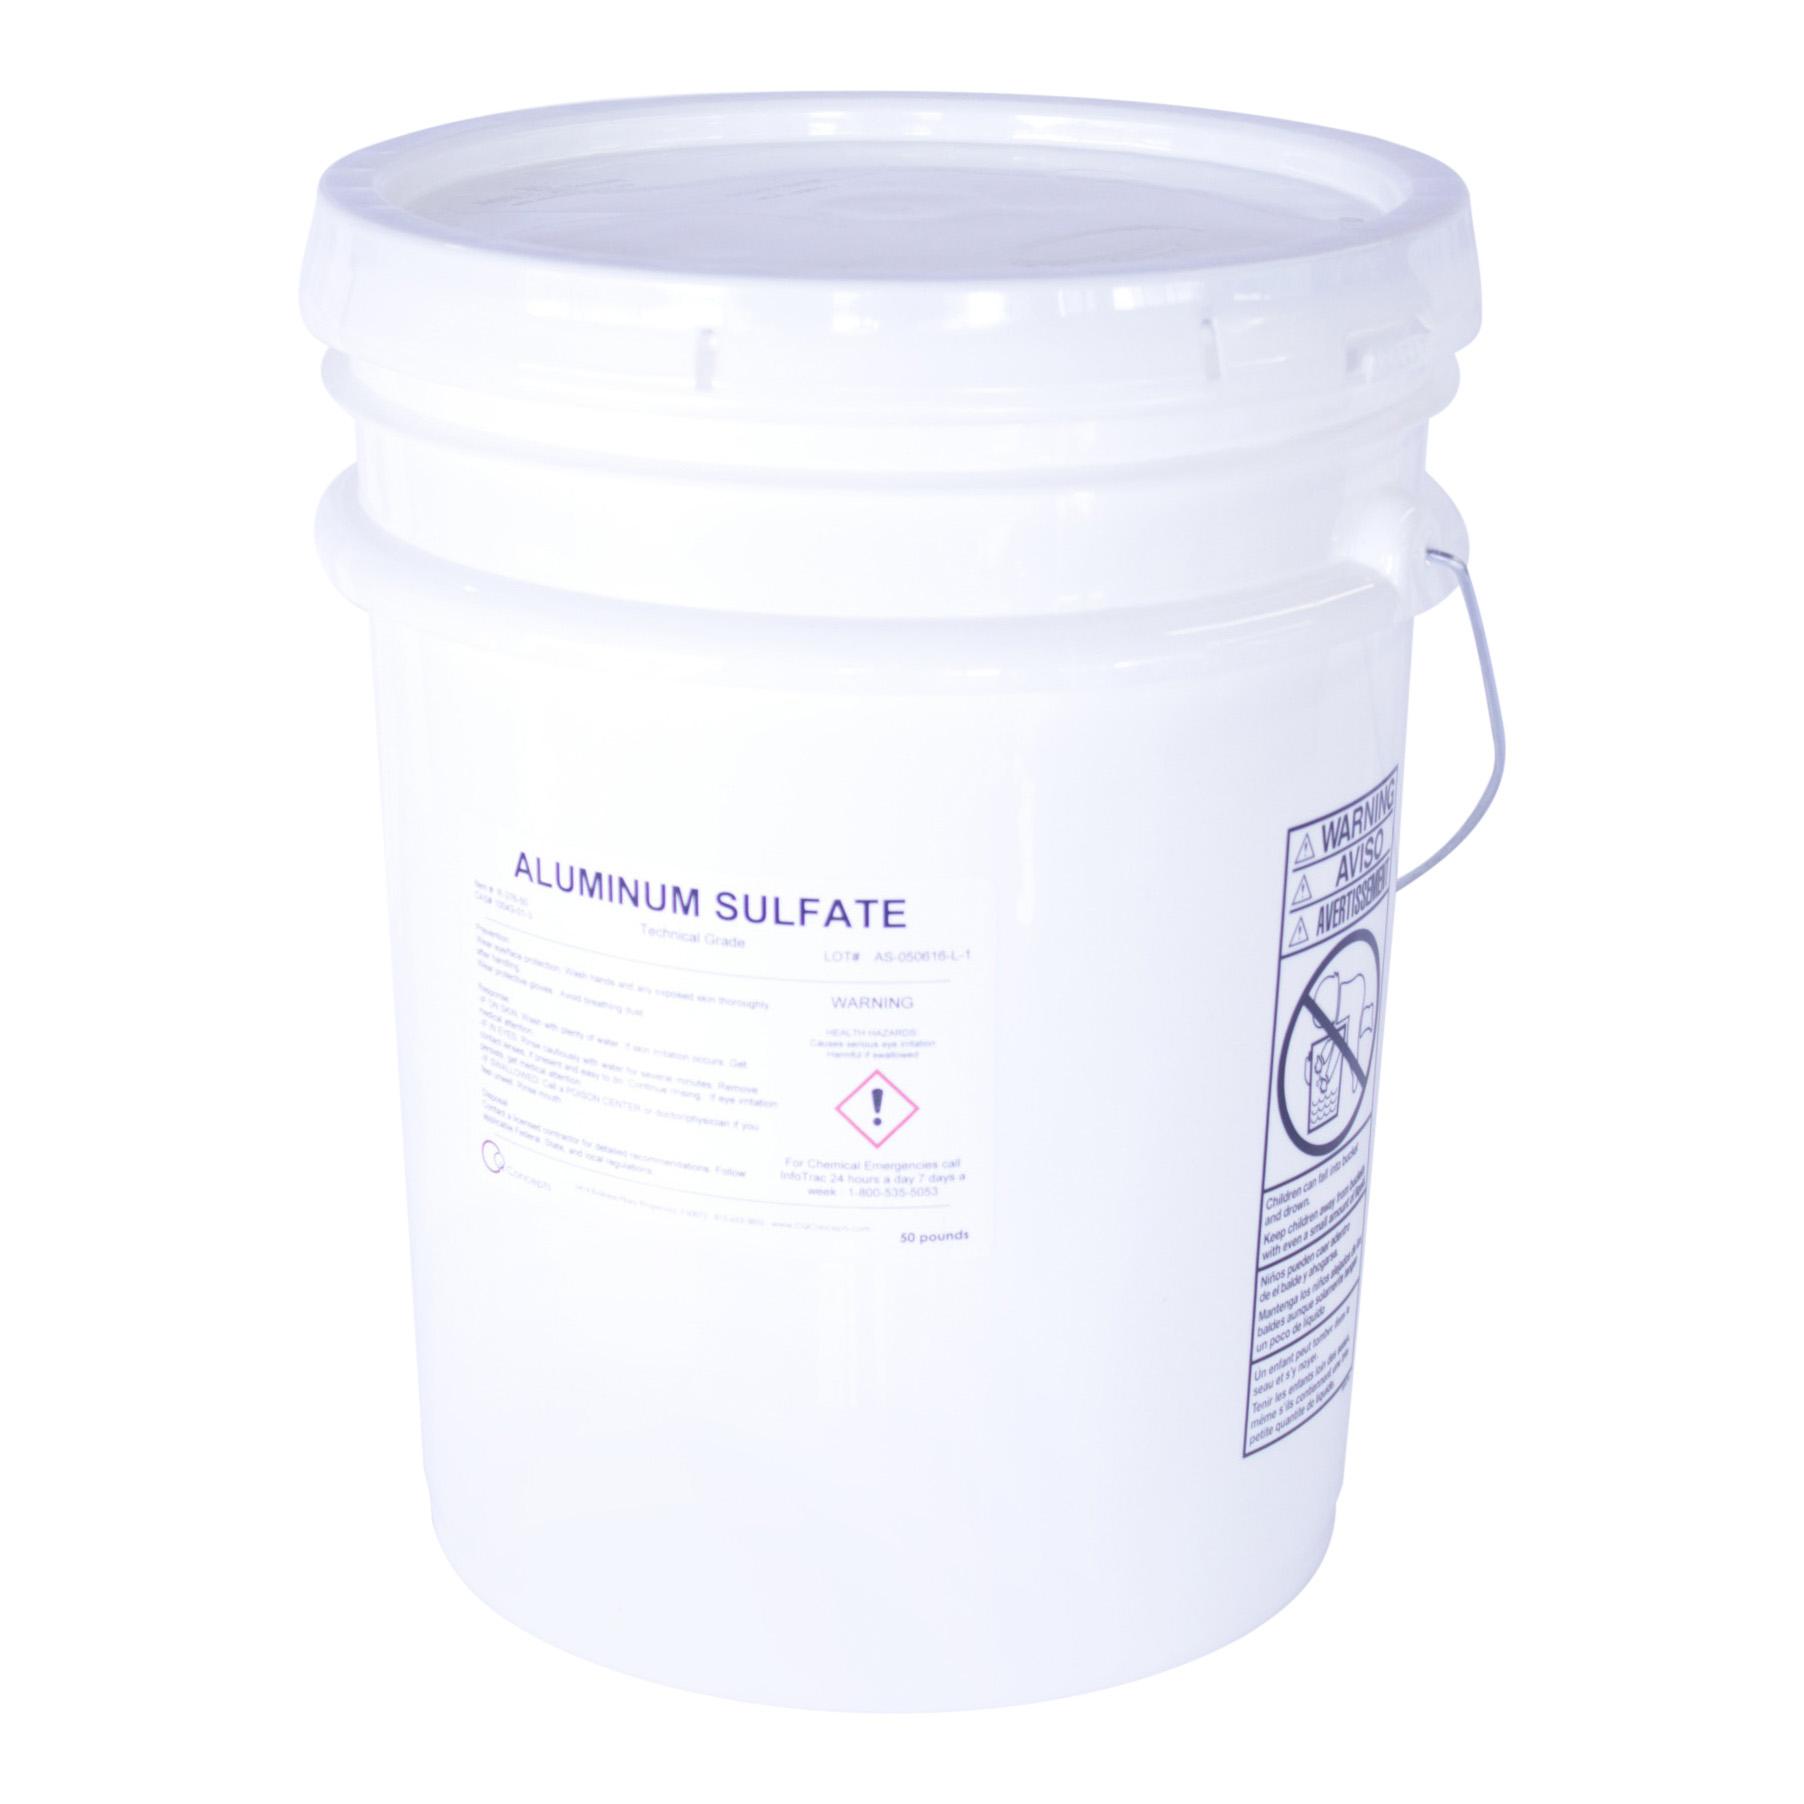 Aluminum Sulfate 50